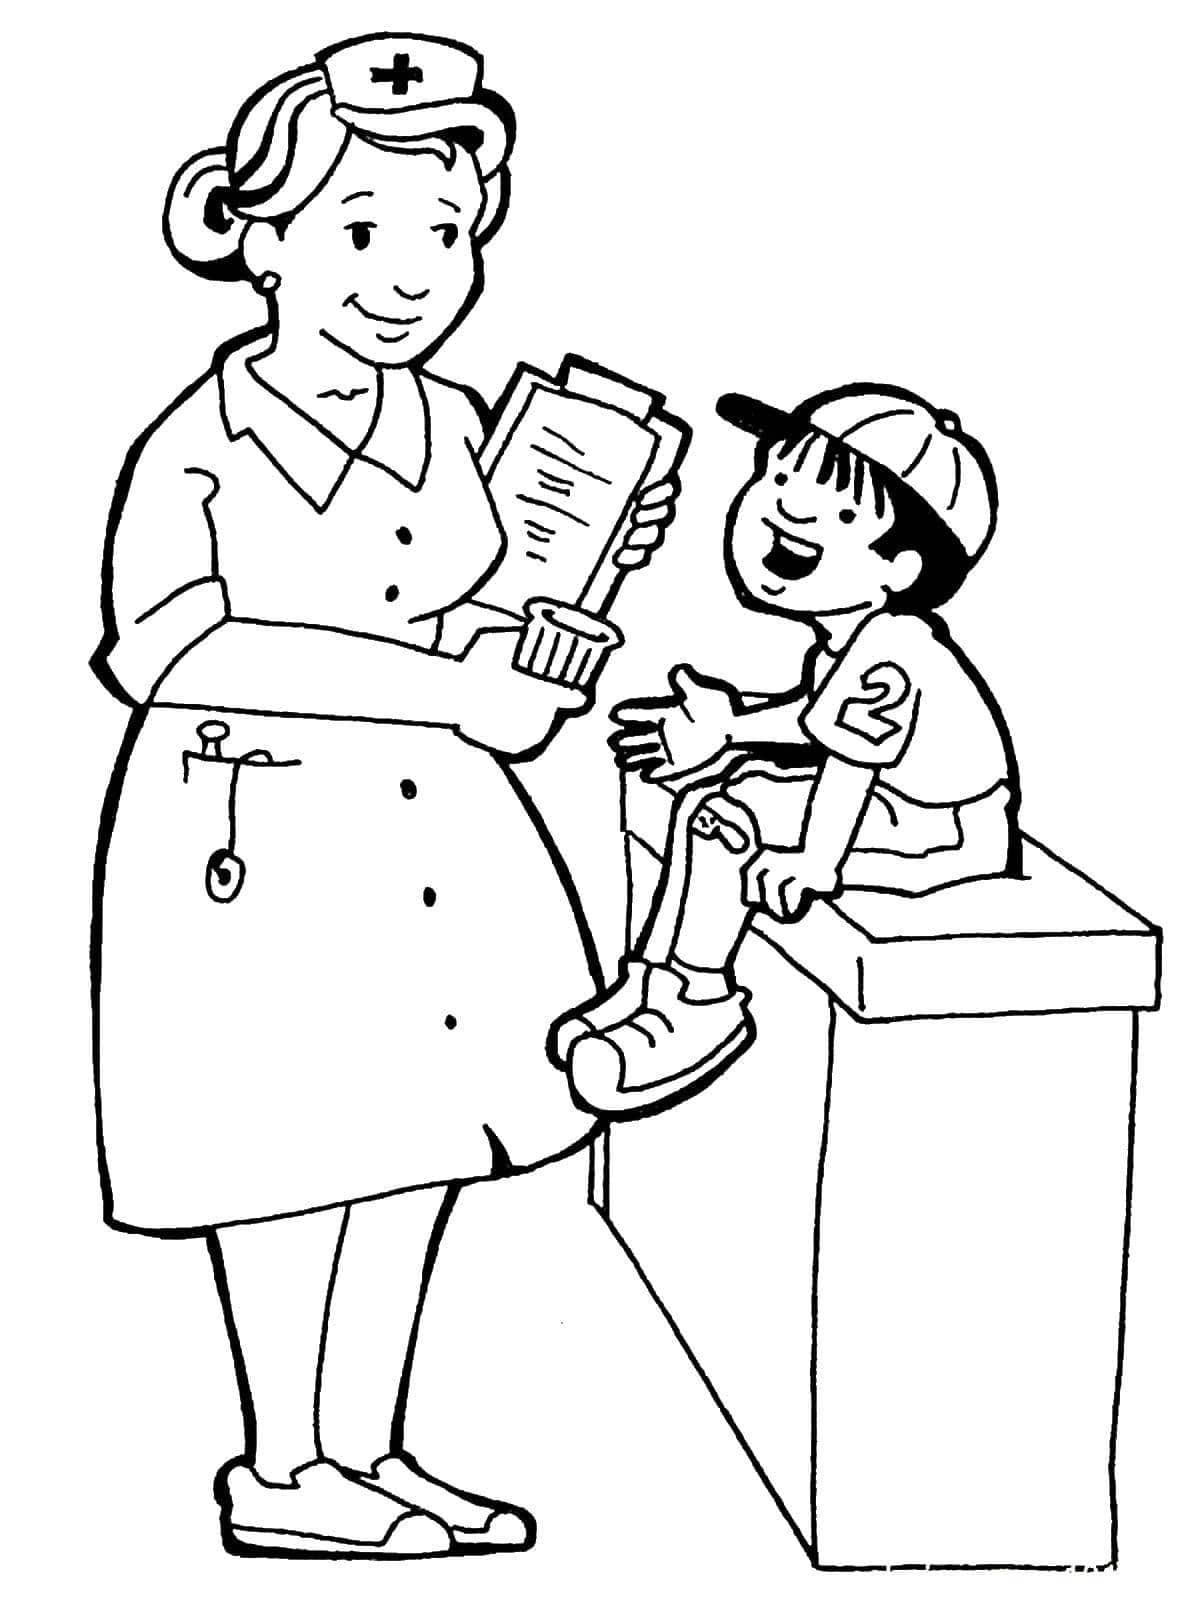 Tranh tô màu cho bé theo chủ đề ngành nghề 25